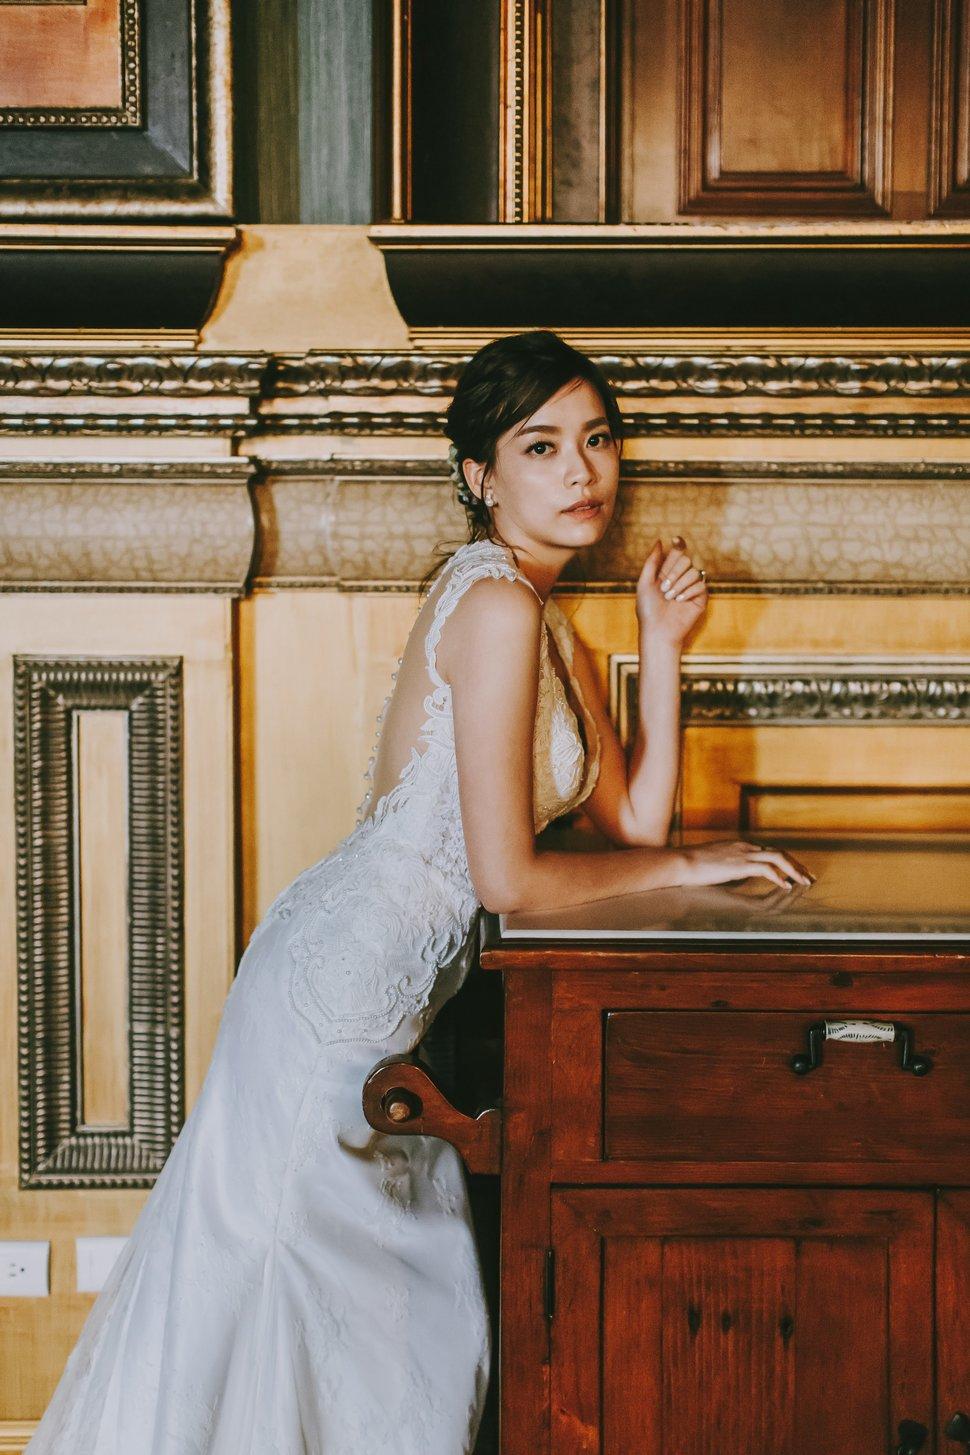 美式婚紗-自助婚紗-Amazing Grace攝影- Amazing Grace Studio-戶外婚紗-老英格蘭婚紗 -台北婚紗-台中婚紗-美式婚攝127 - Amazing Grace Studio《結婚吧》